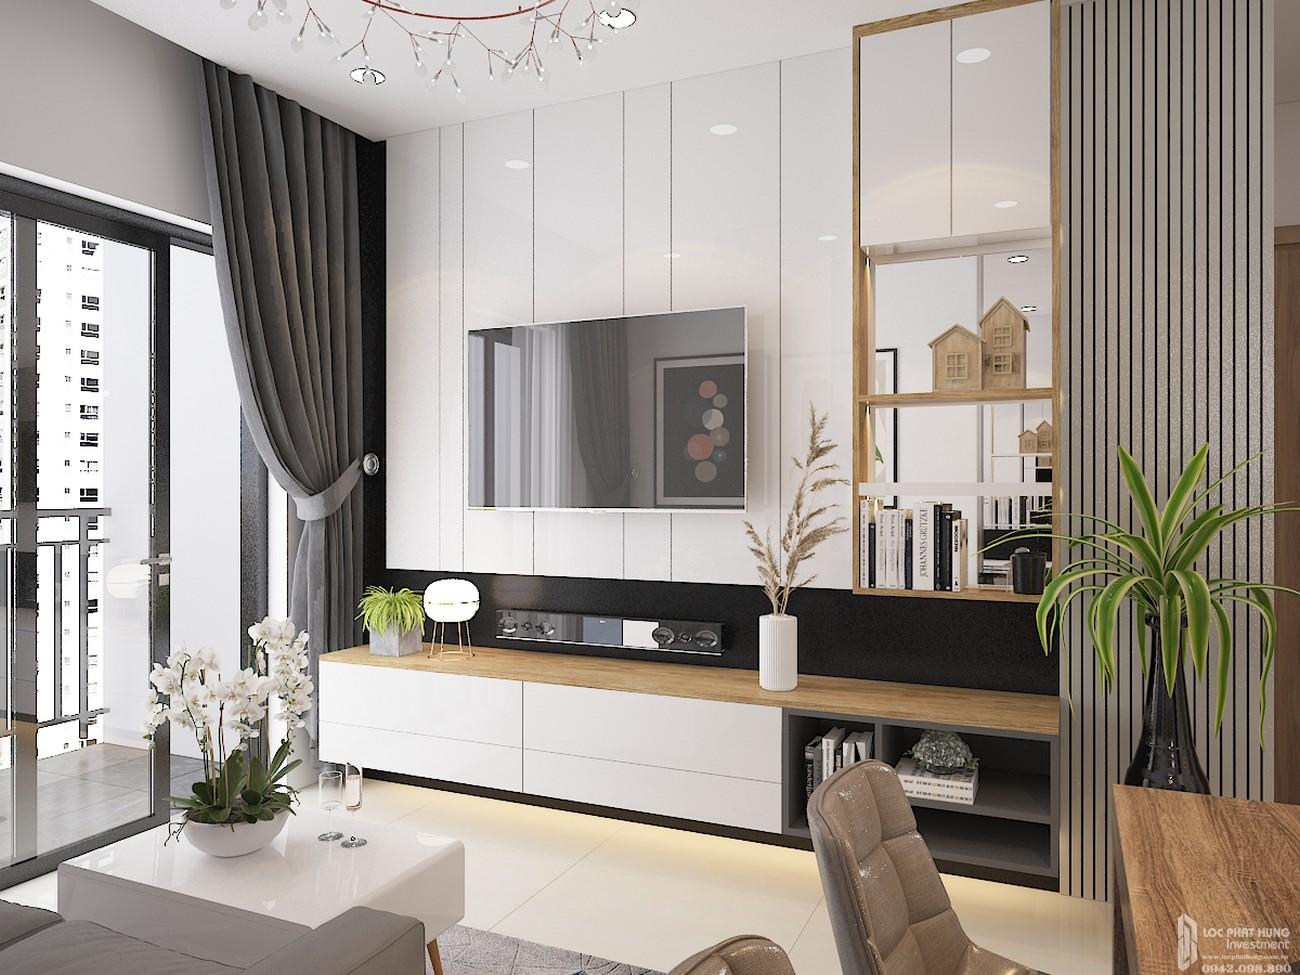 Nhà mẫu dự án căn hộ chung cư Bcons Plaza Dĩ An Đường Thống Nhất chủ đầu tư Bcons